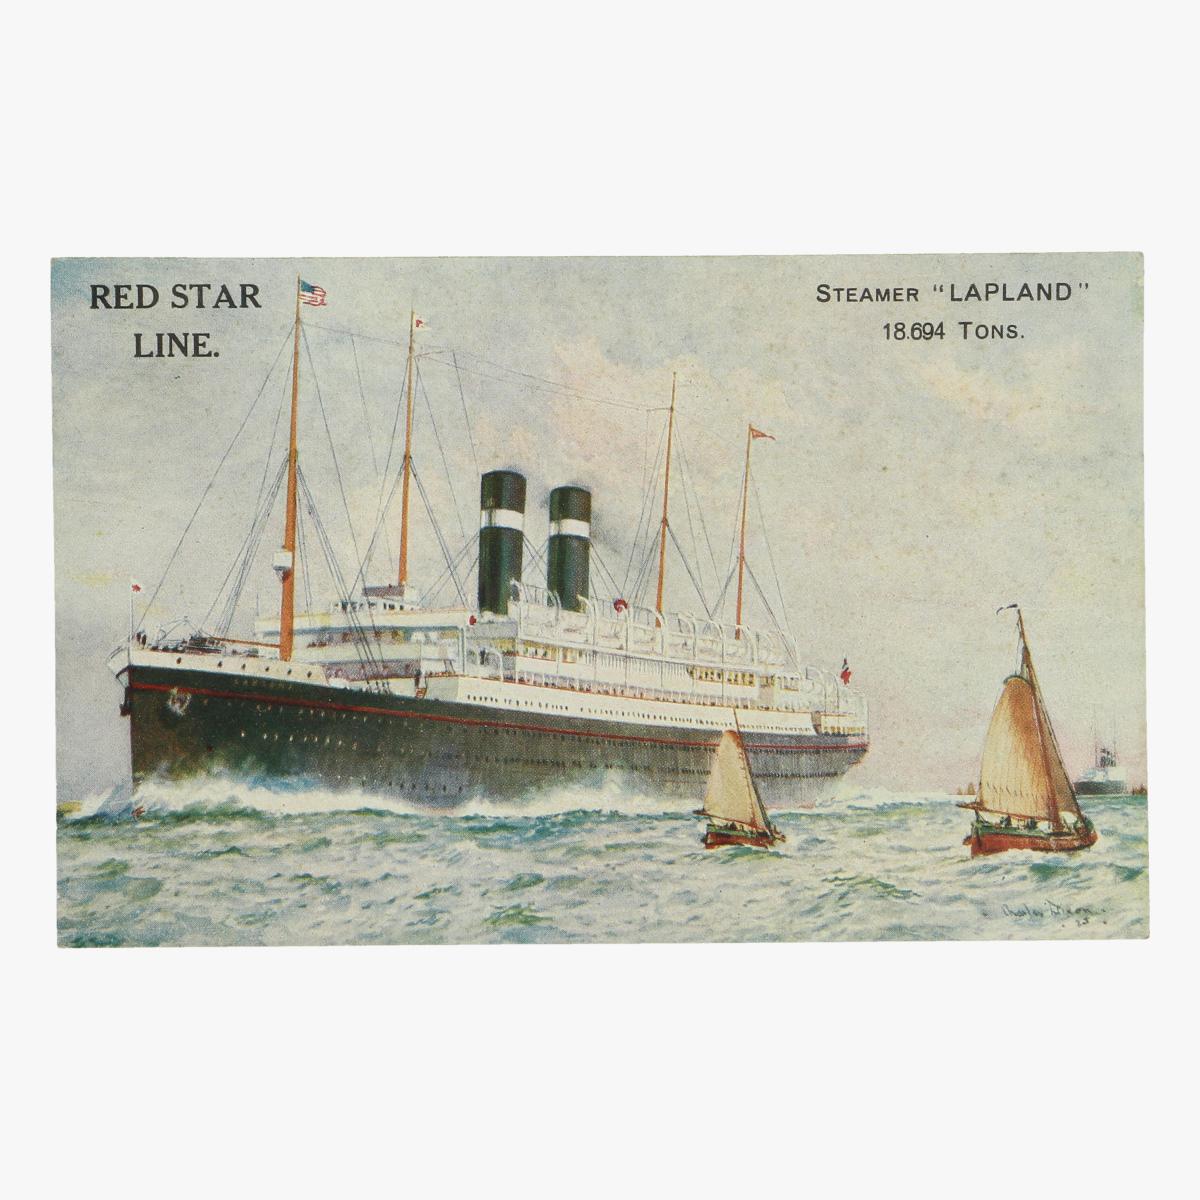 Afbeeldingen van oude postkaart